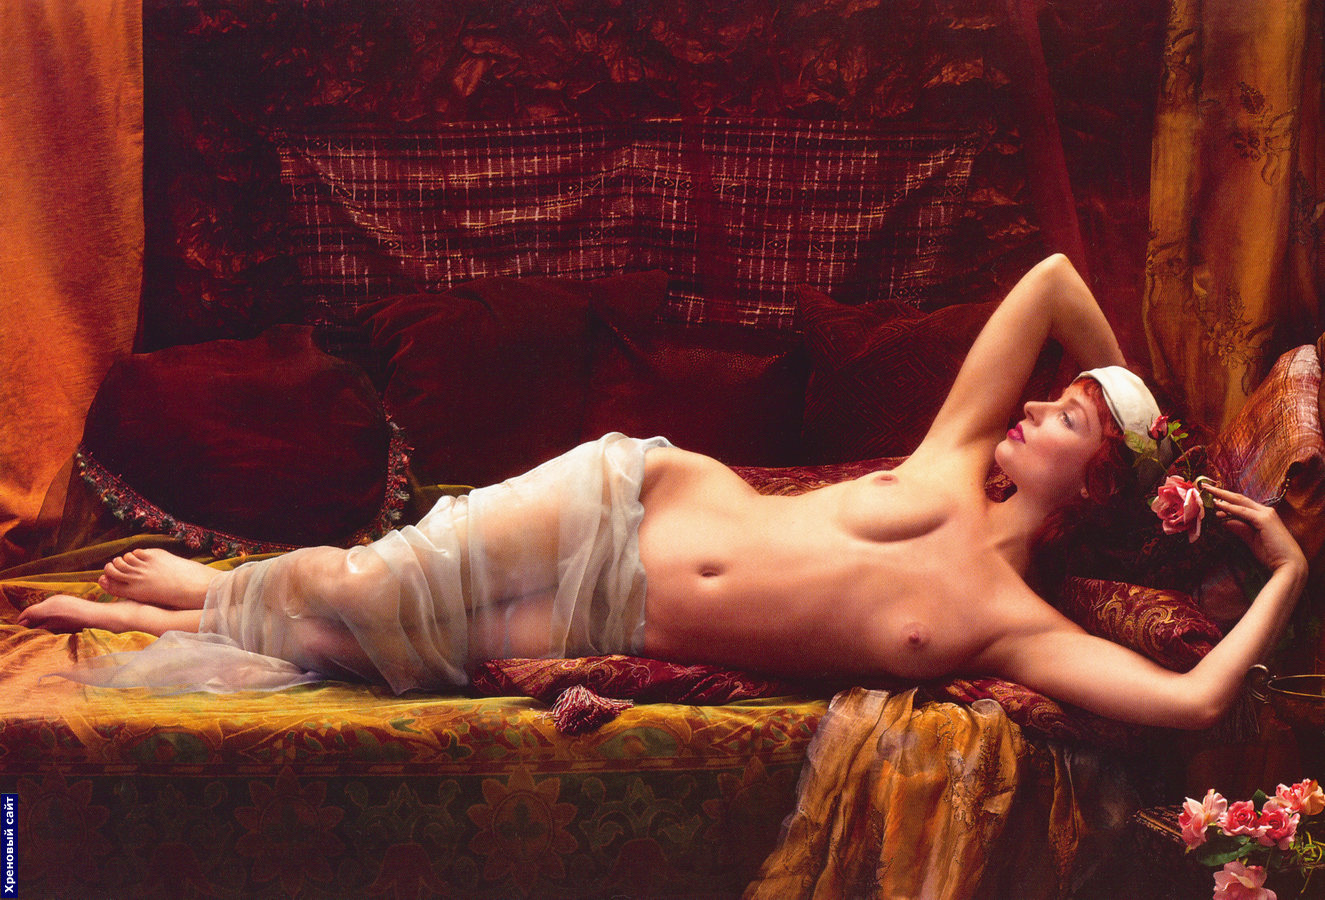 eroticheskie-foto-karavan-istoriy-guseva